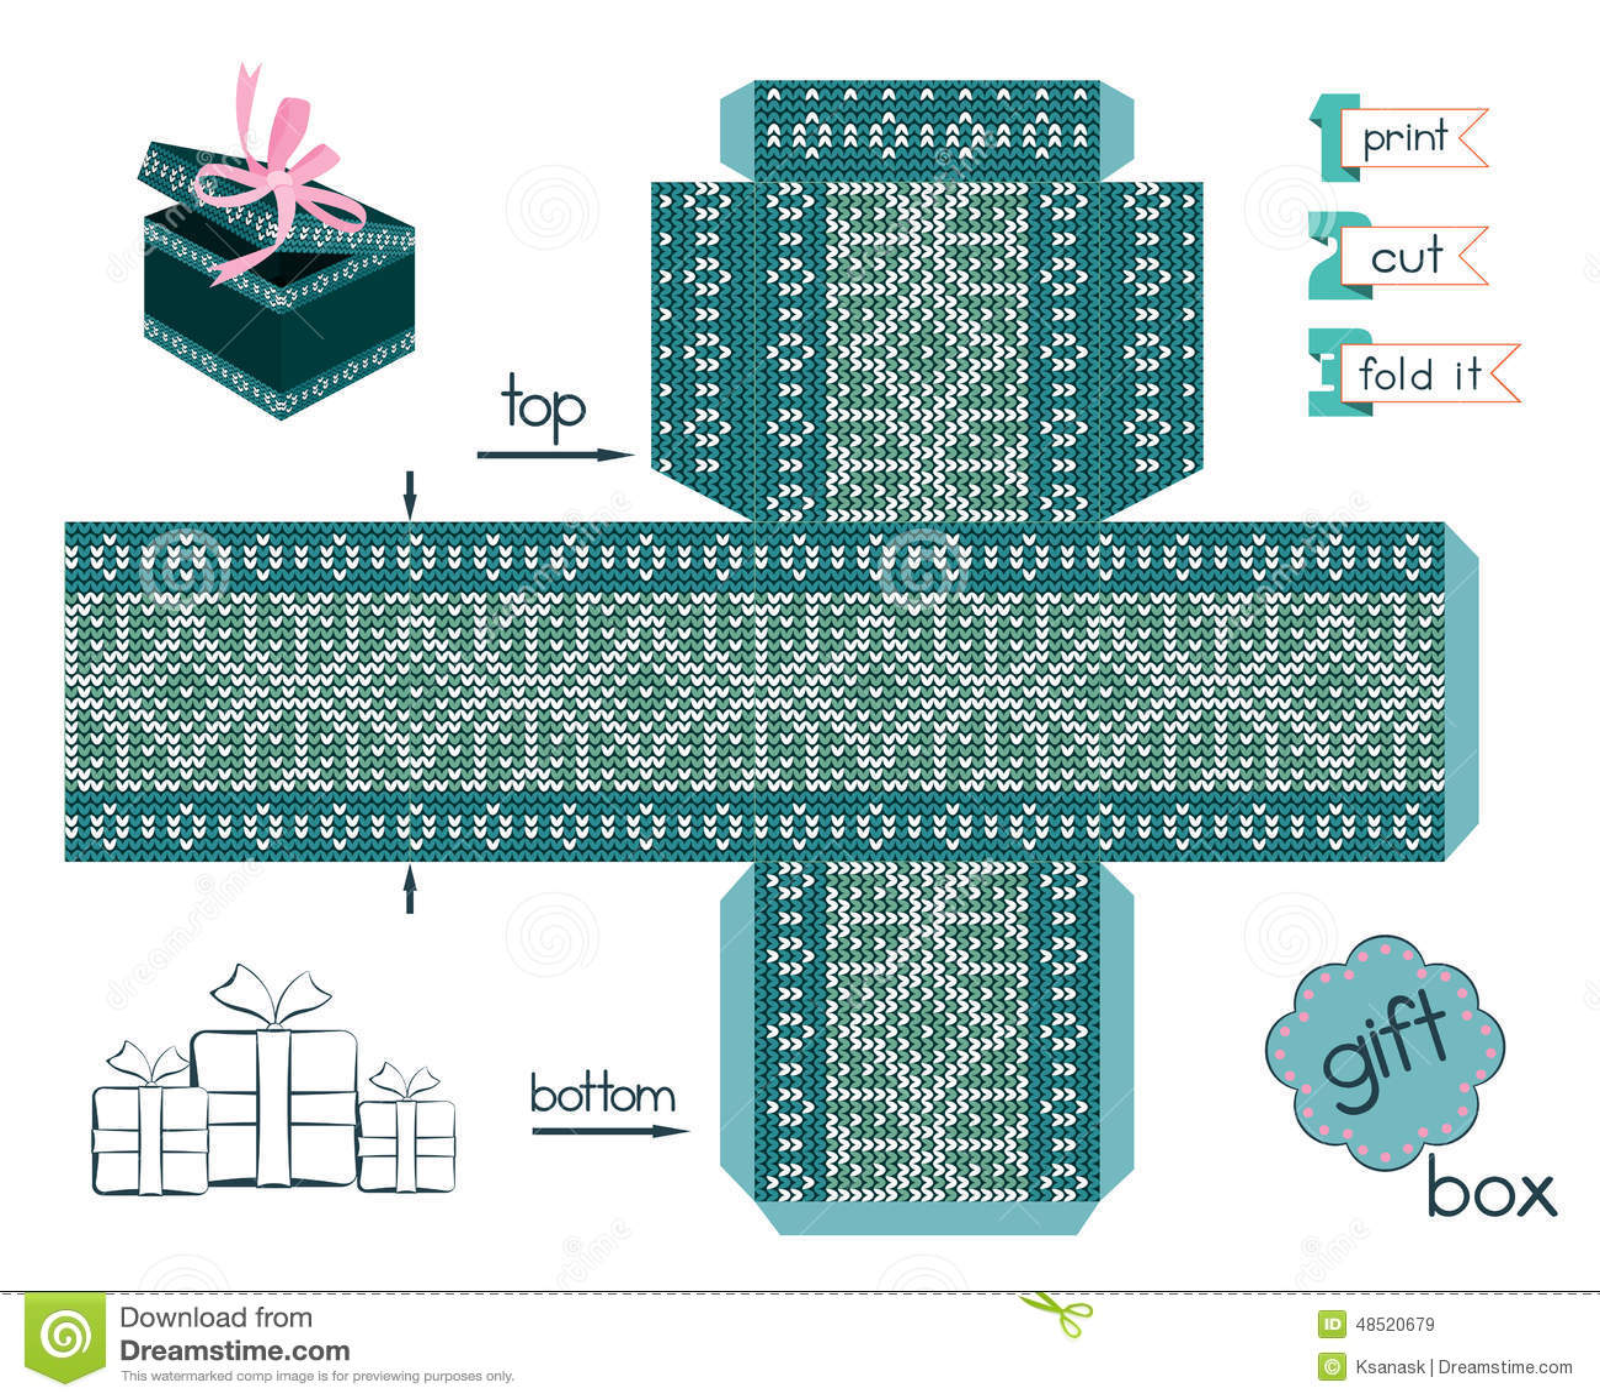 Bedruckbare Geschenkbox Mit Skandinavische Art Gestricktem Muster ...